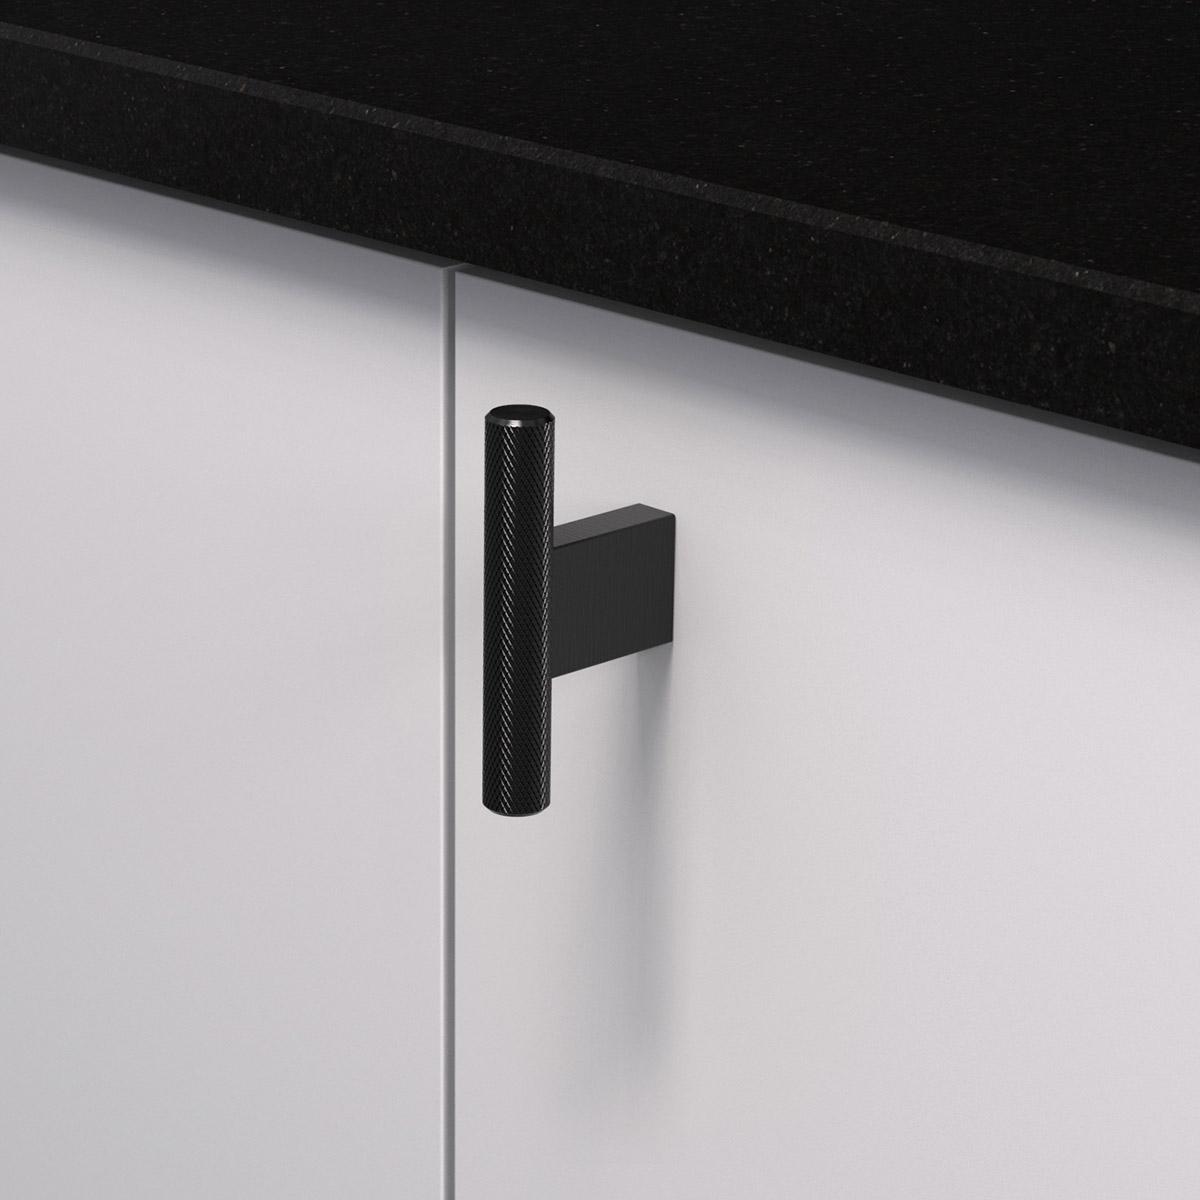 Knopp t graf mini matt svart 370251 11 10 mm ncs s 3000 n granit svart